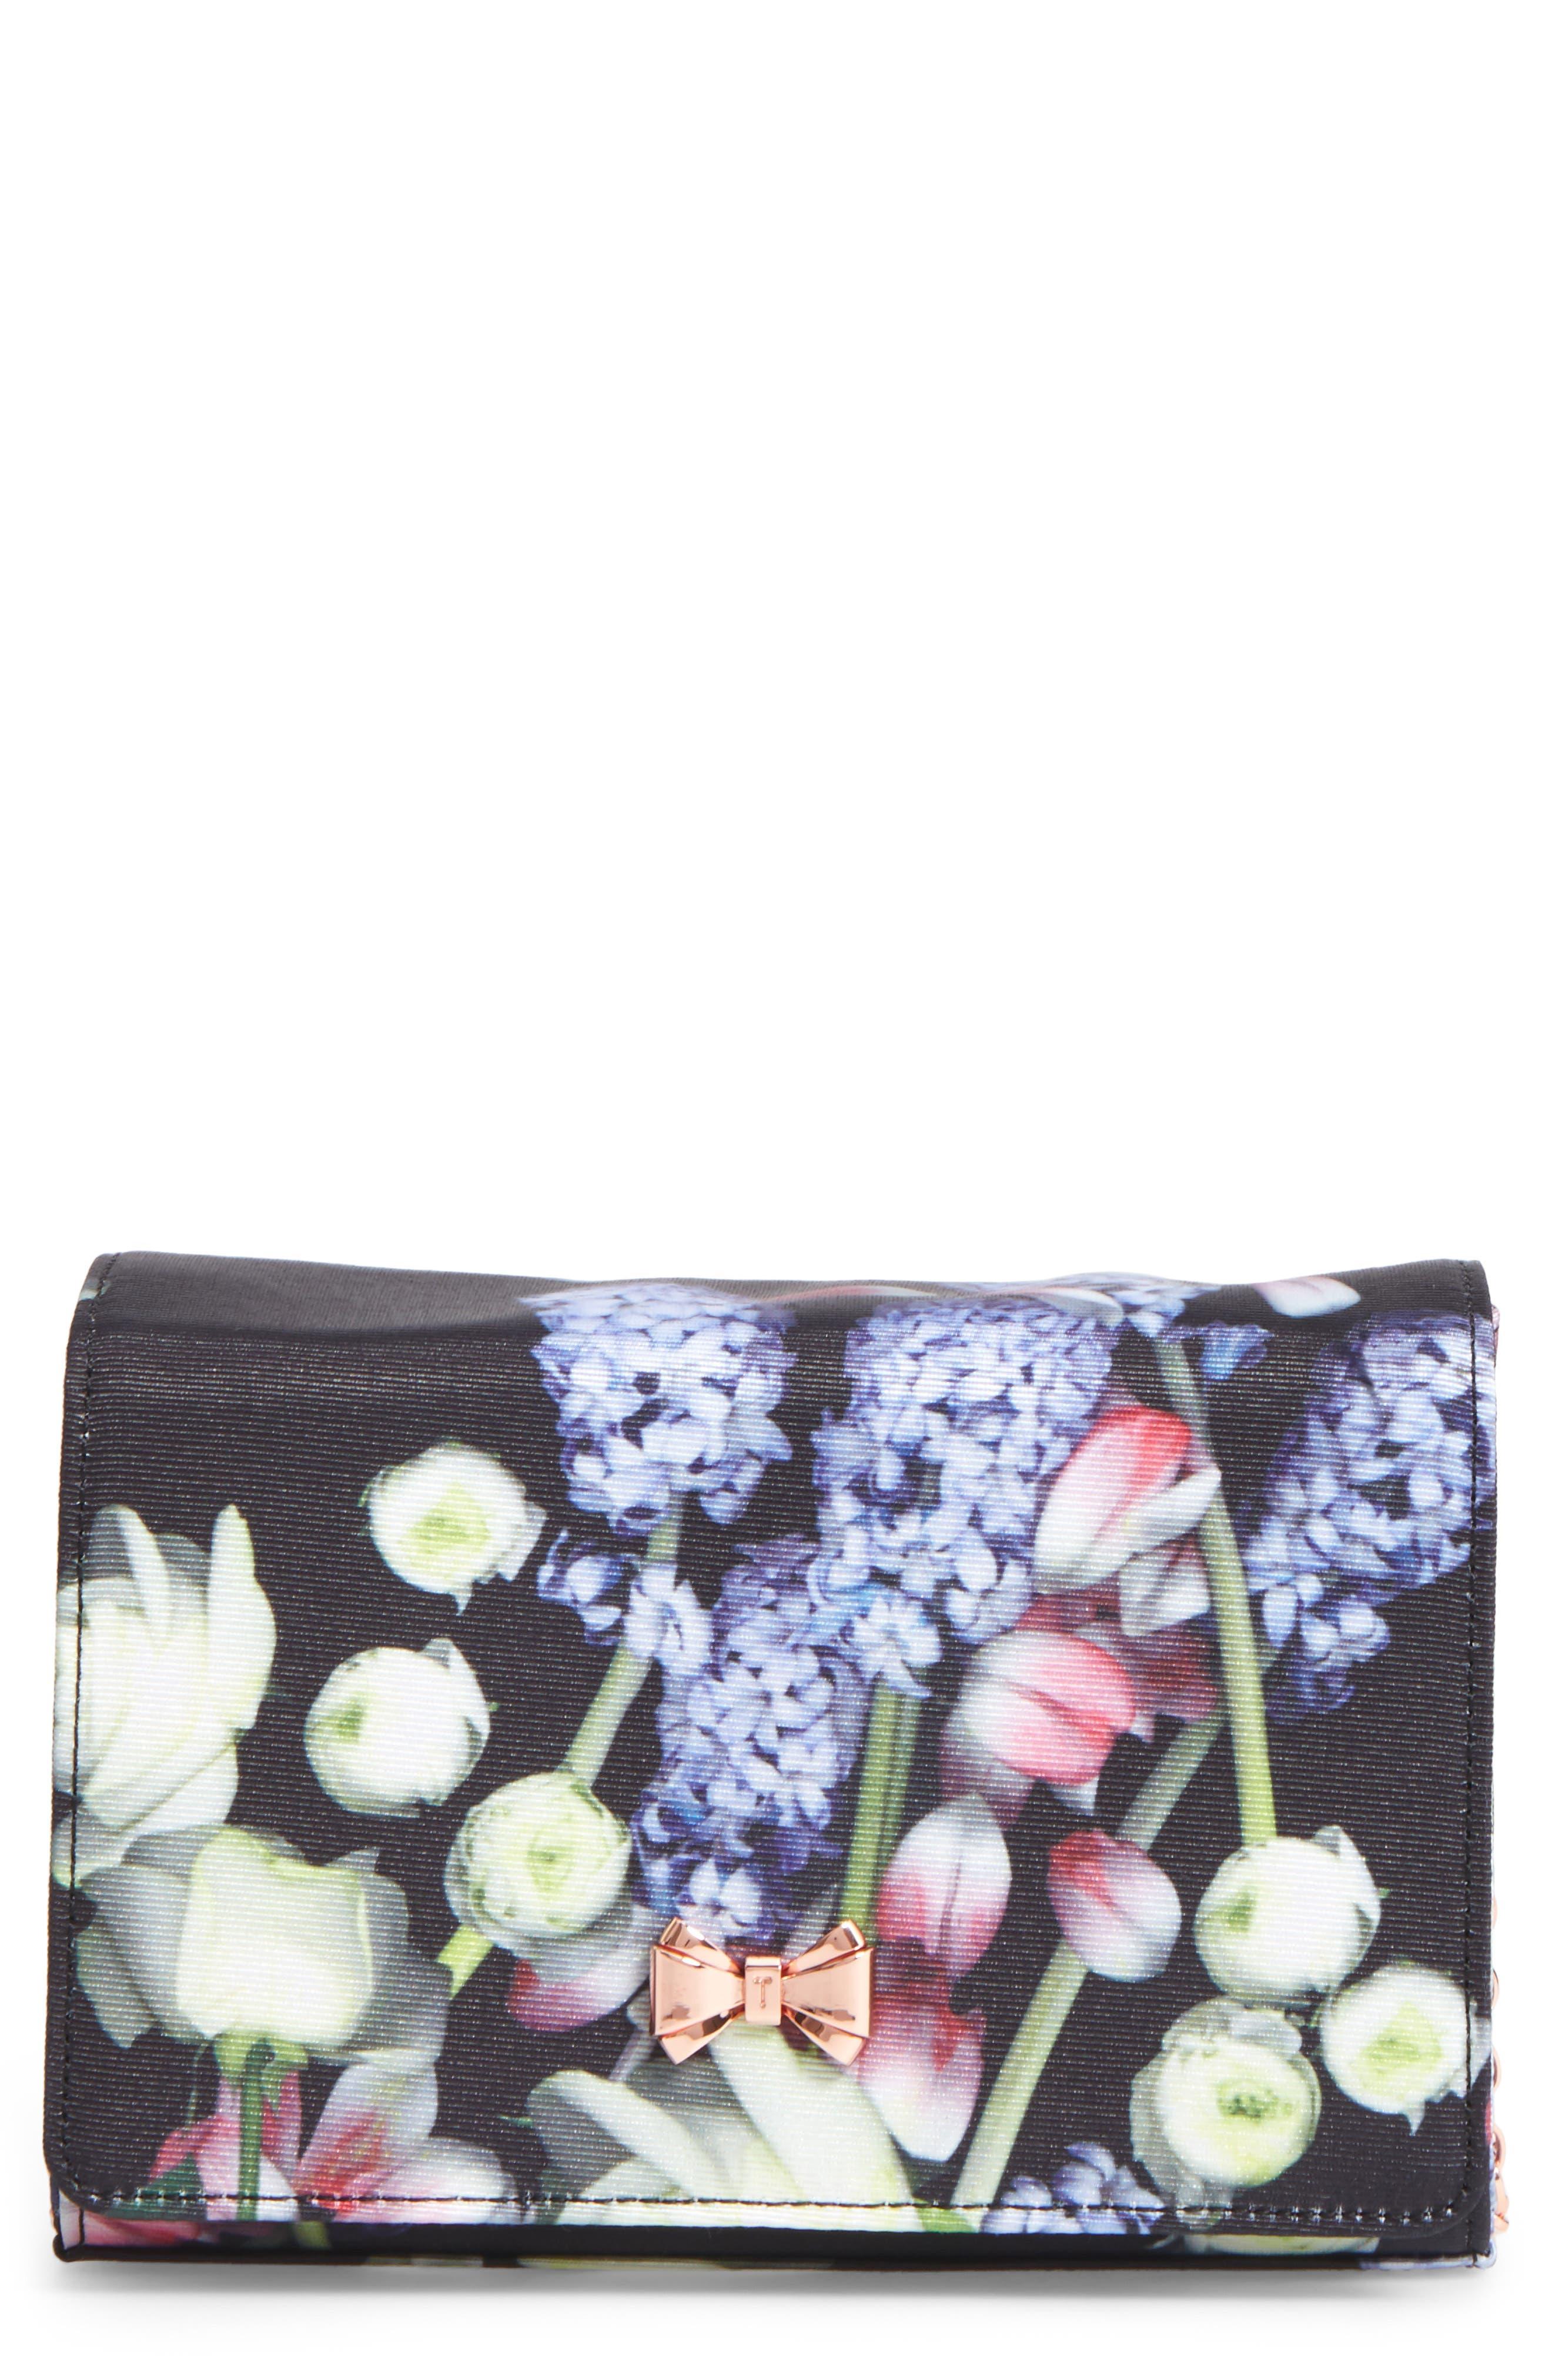 Jenniee Kensington Floral Bow Clutch,                         Main,                         color, 001